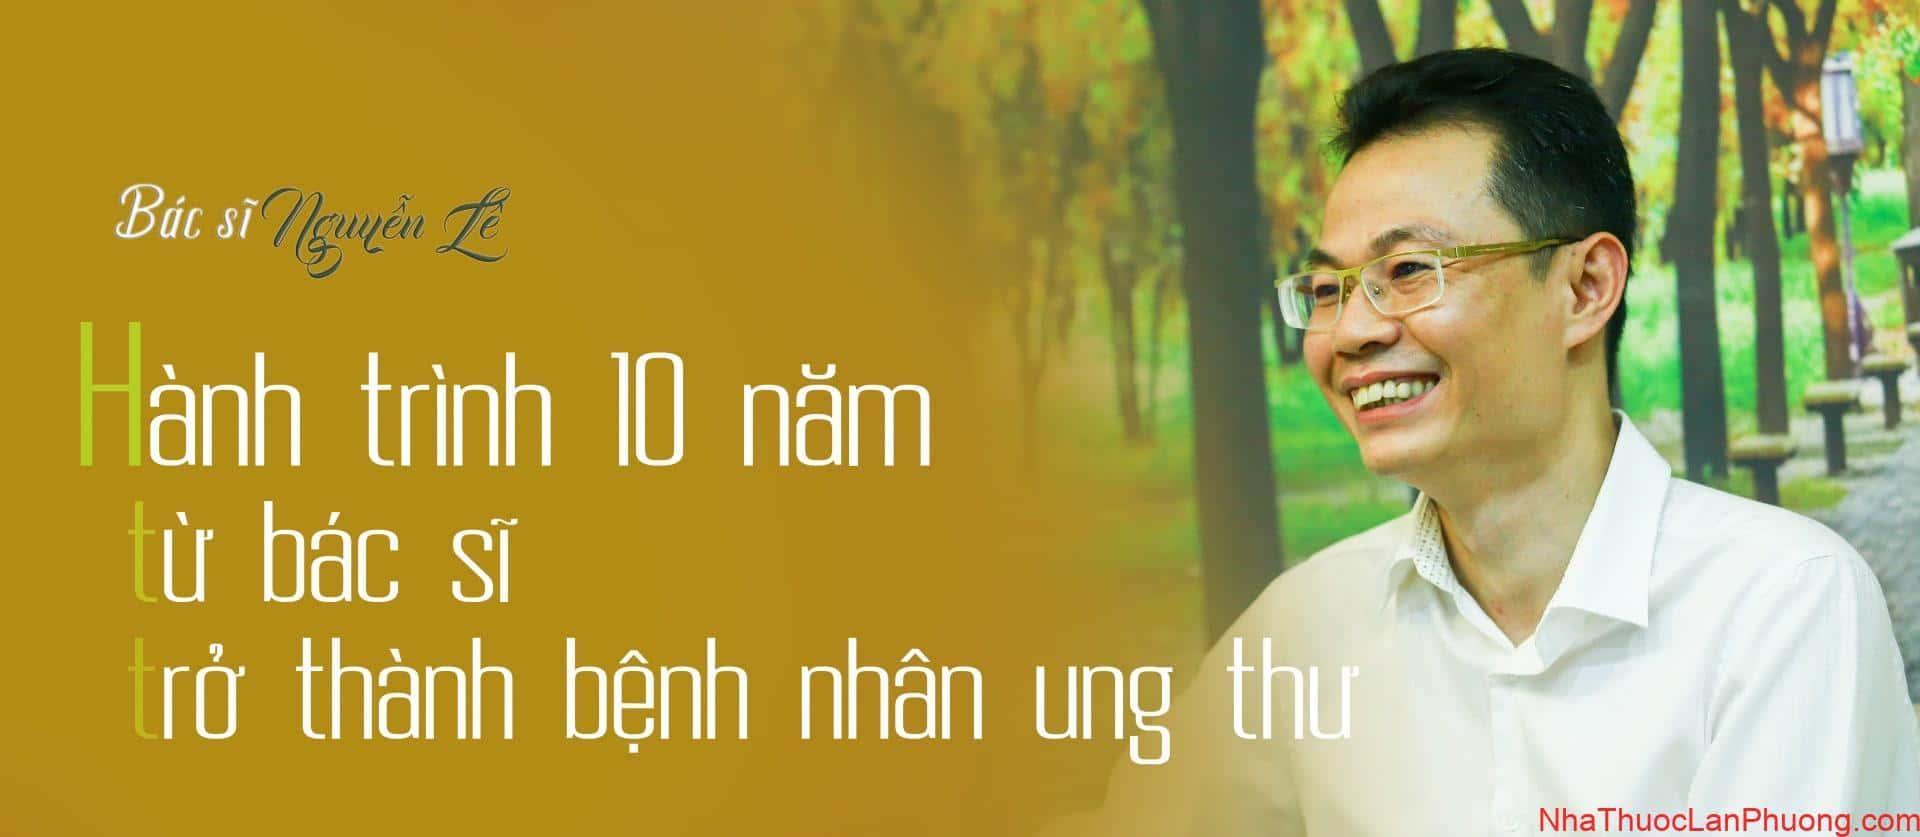 Kỳ Tích 12 năm vượt qua căn bệnh ung thư của bác sĩ Nguyễn Lê 2